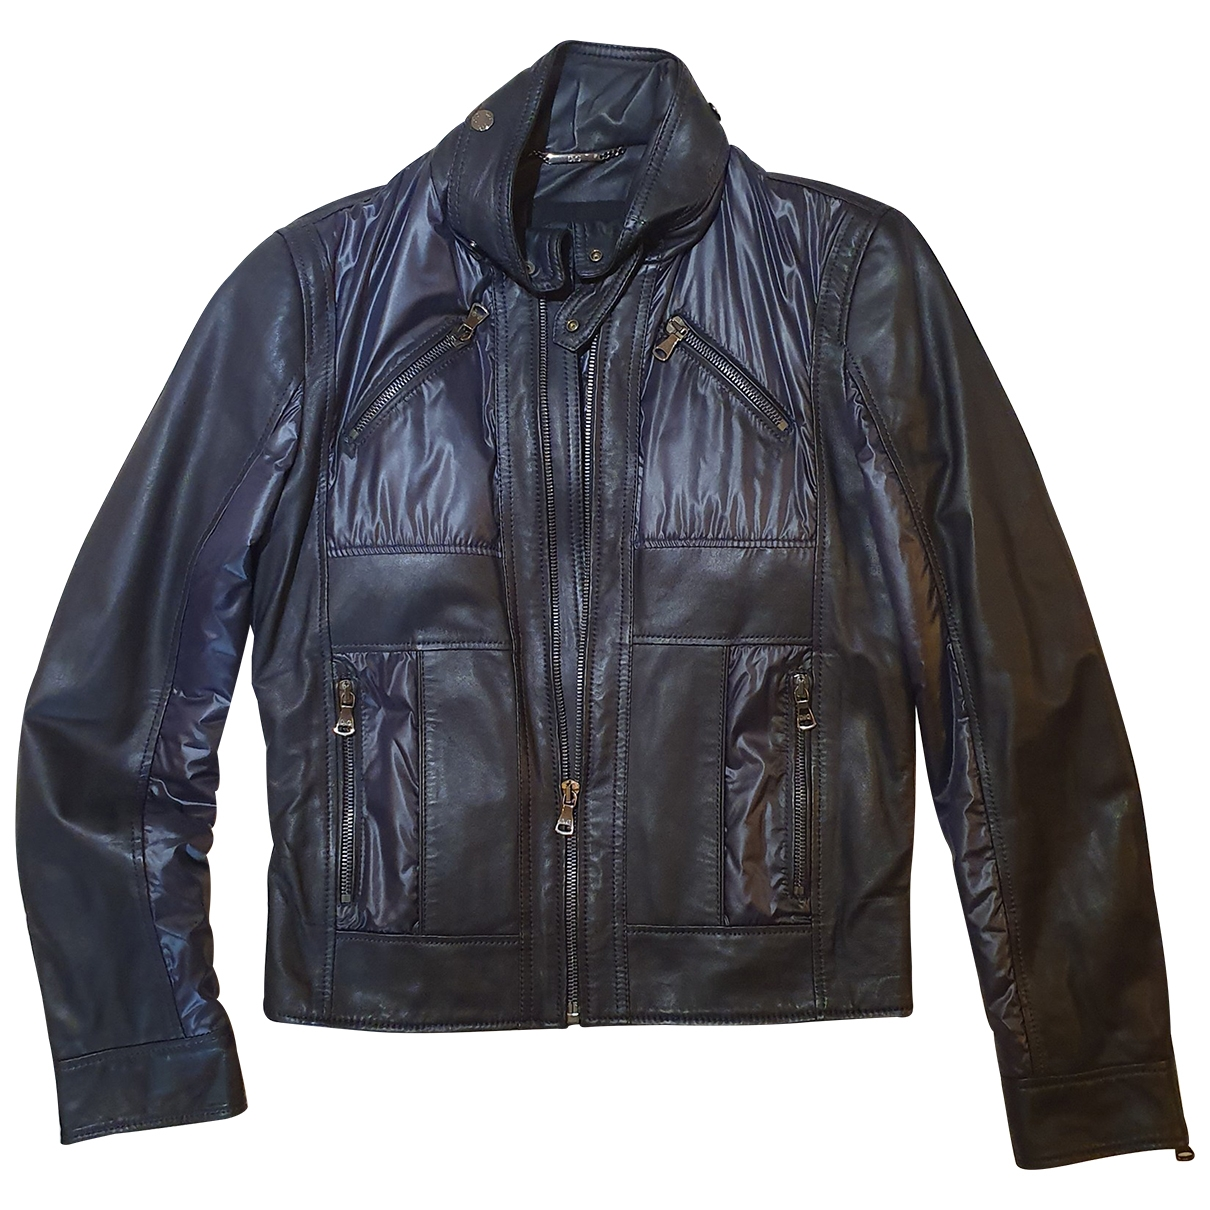 D&g \N Black Leather jacket  for Men M International